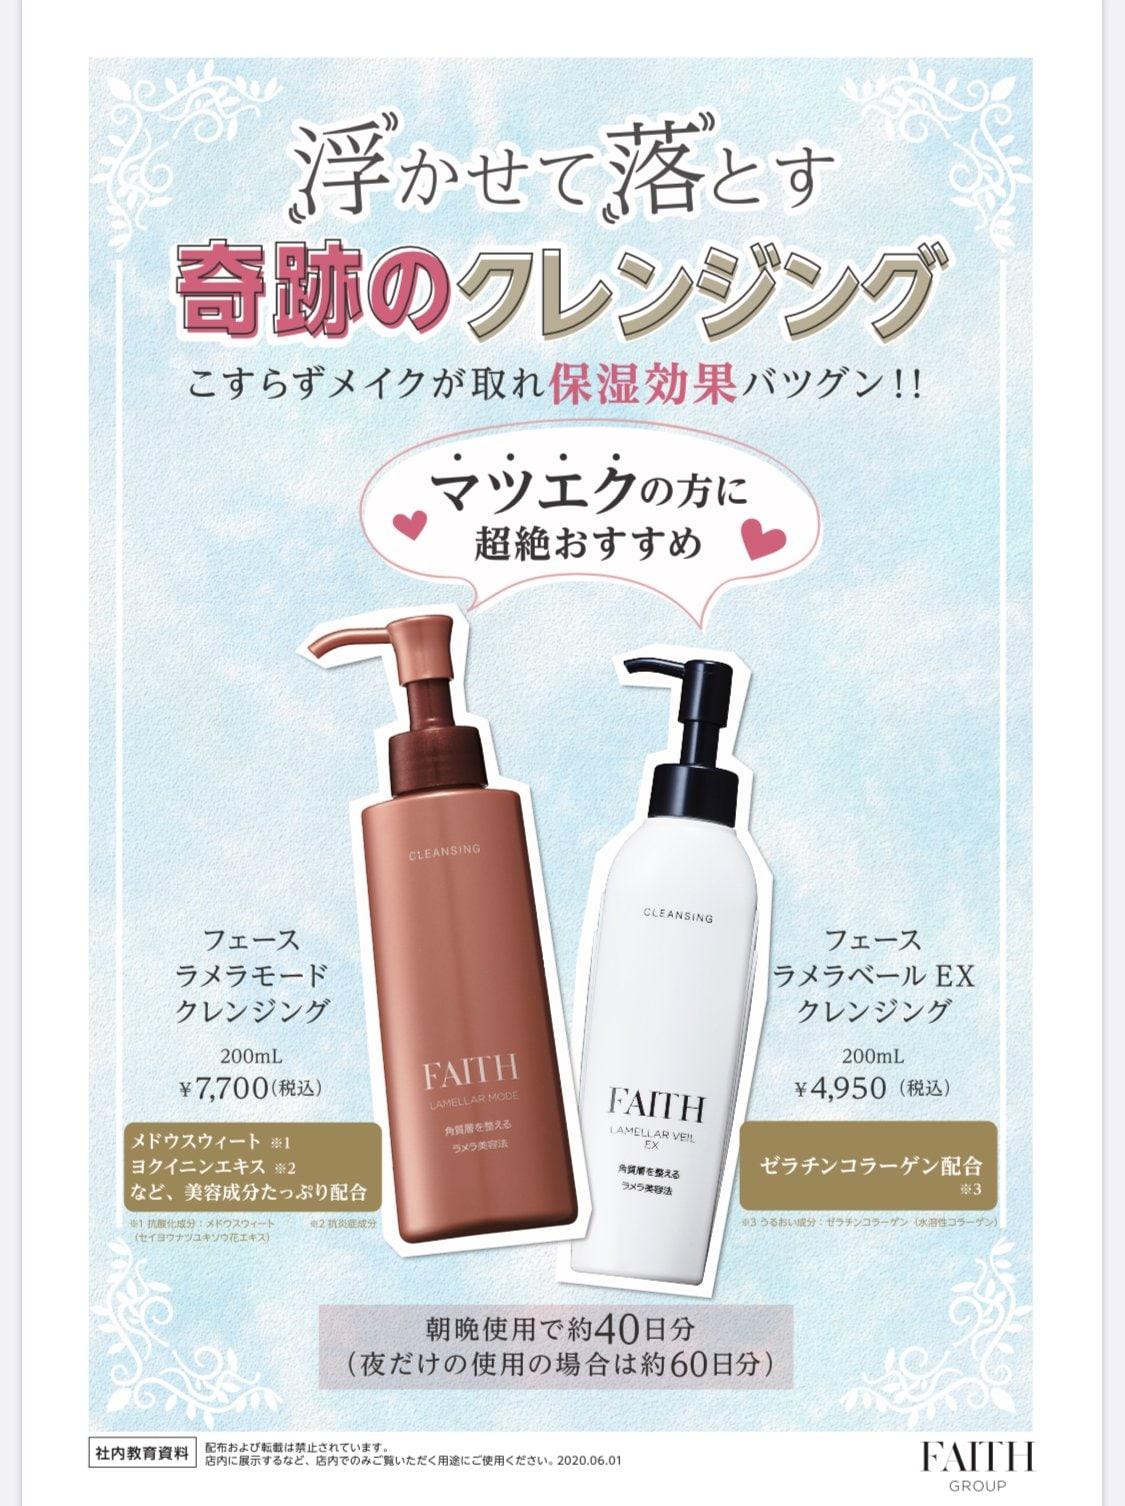 フェース化粧品2万円購入のイメージその1